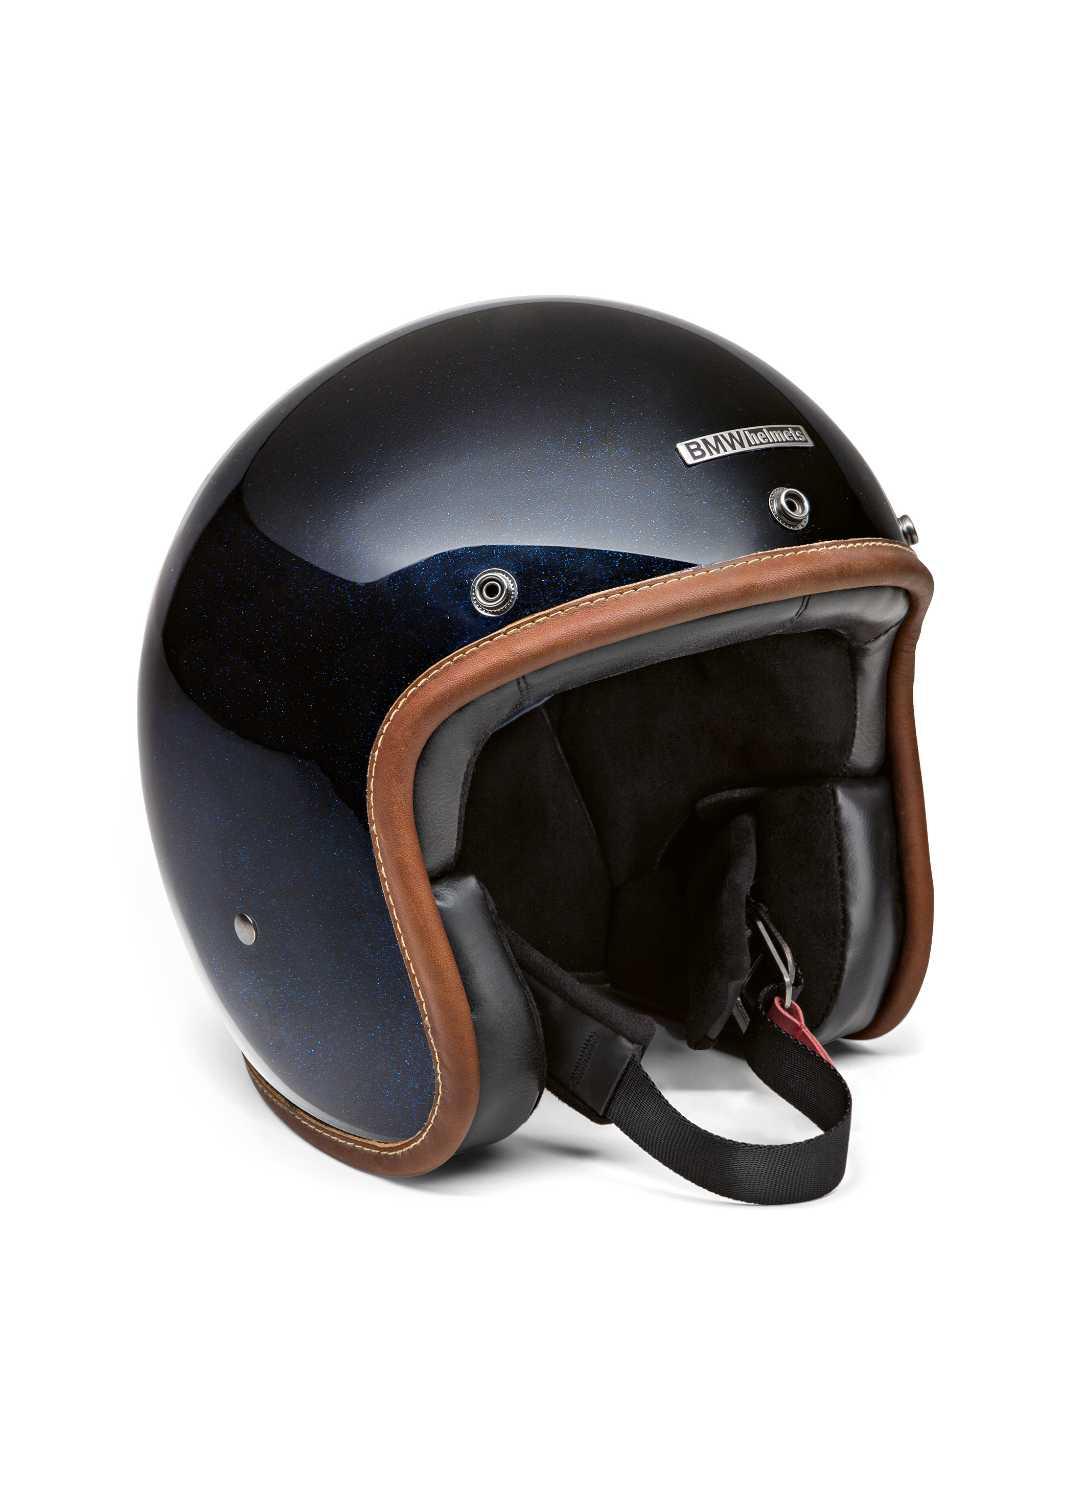 bmw motorrad helmet bowler 11 2018. Black Bedroom Furniture Sets. Home Design Ideas